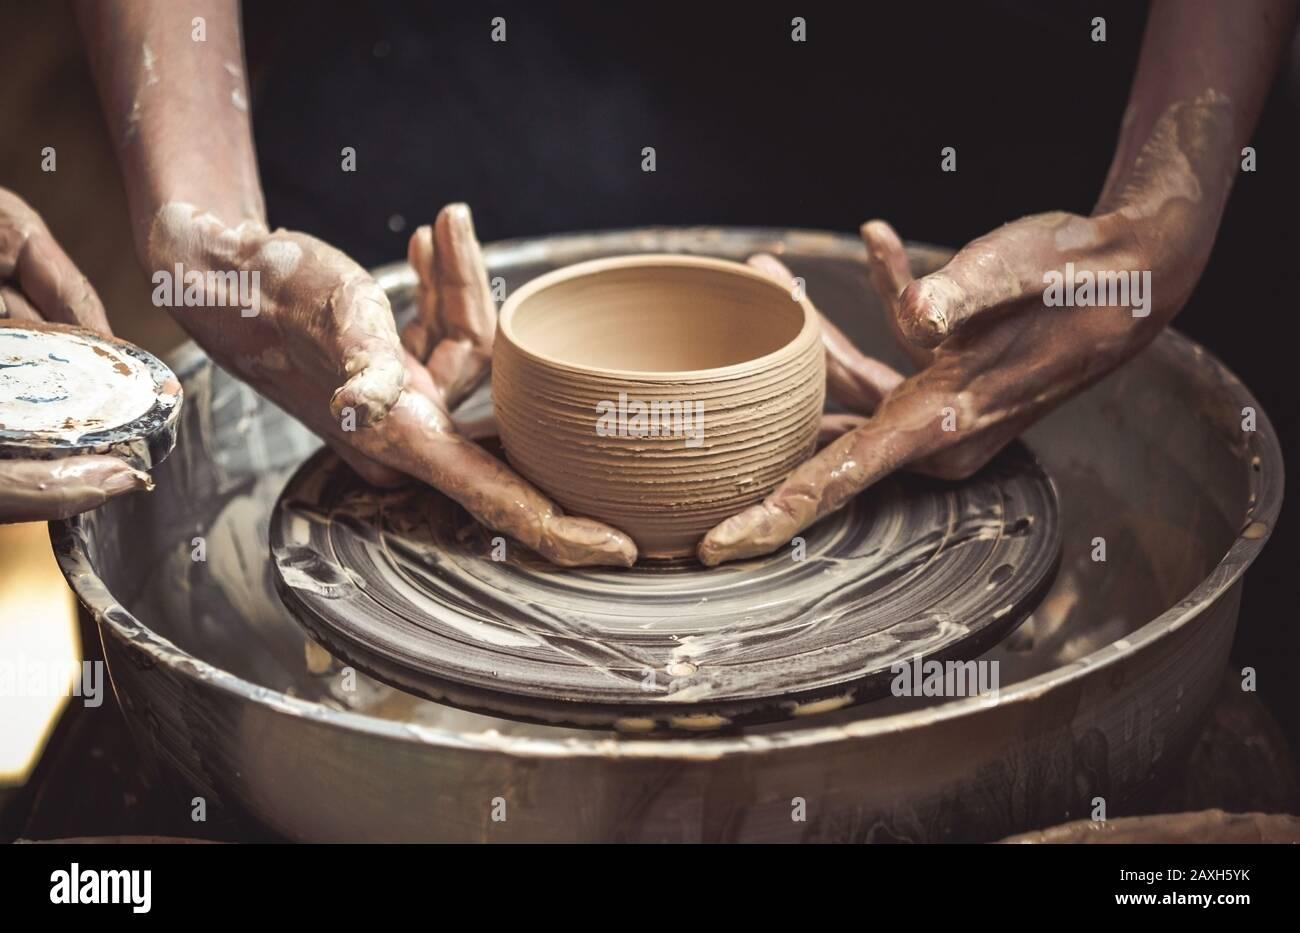 Un pot d'argile brute dans les mains d'un potter. Maître crock. Banque D'Images